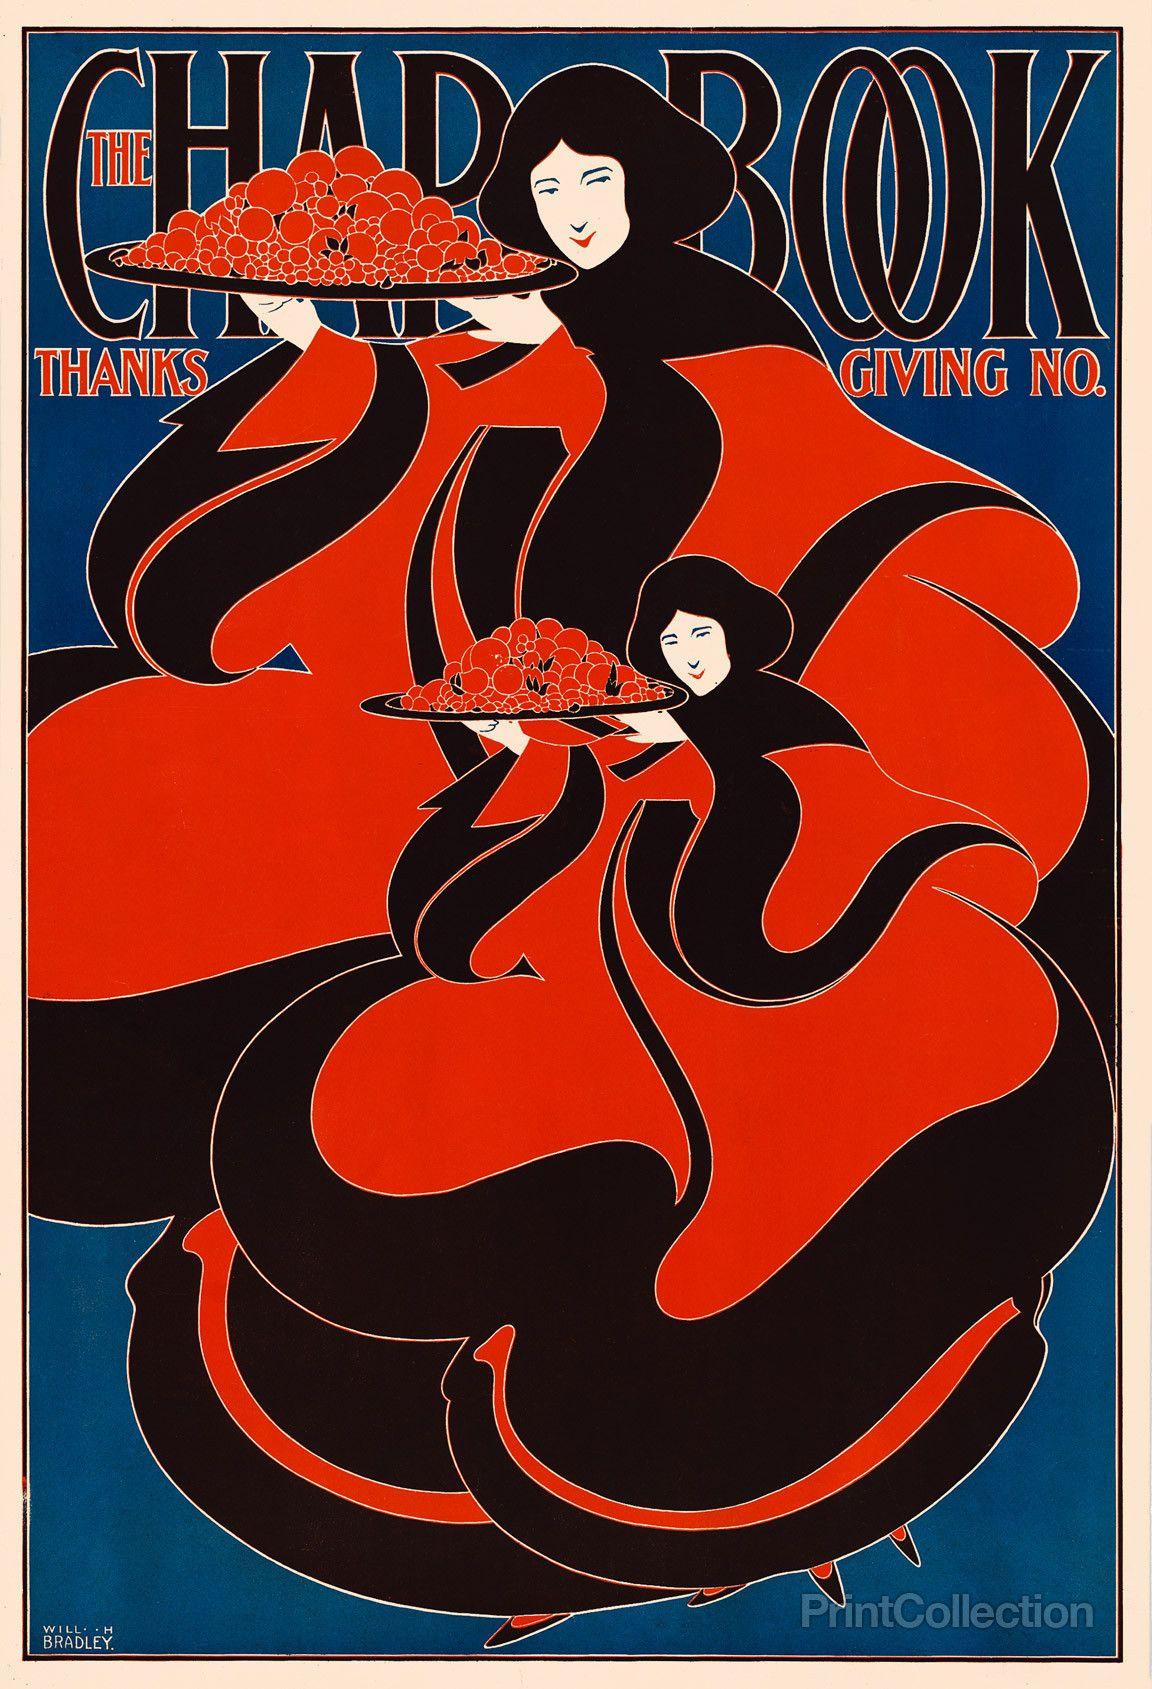 The Chap Book Thanksgiving Art Nouveau Poster Art Nouveau Illustration Vintage Poster Art